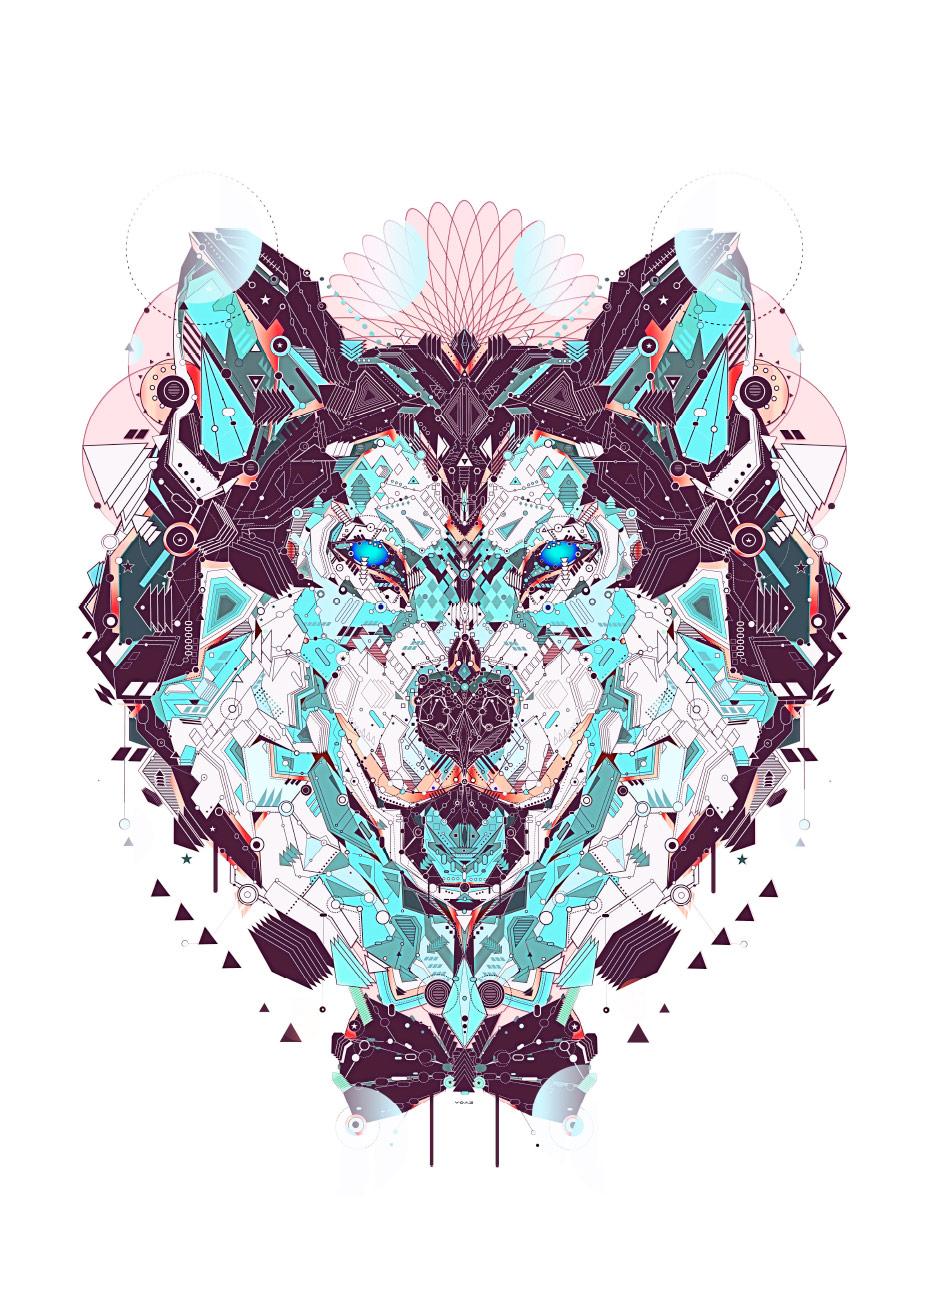 estilo-de-cubismo-diferente-12